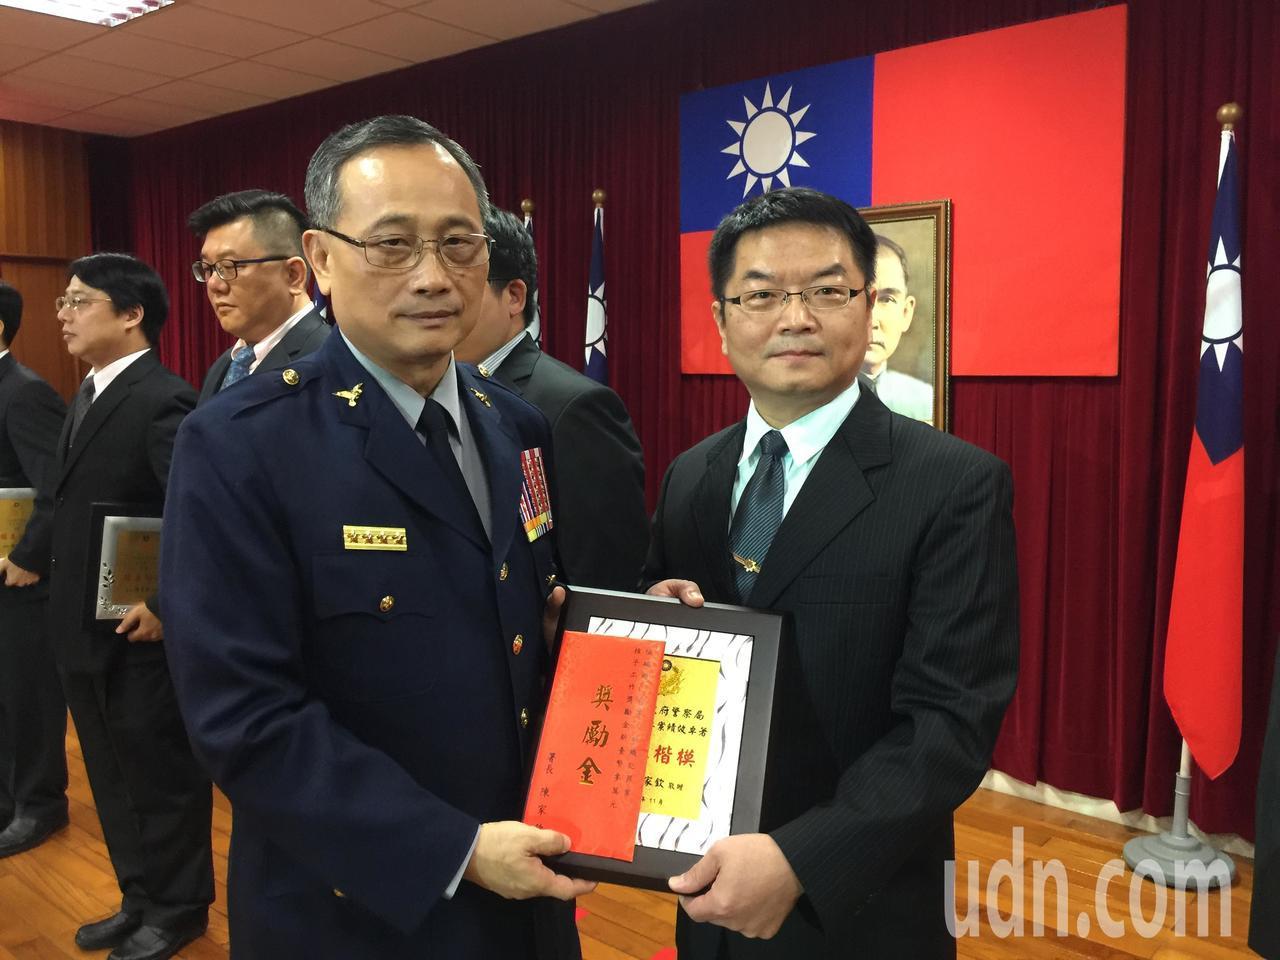 新營警分局刑事偵查隊長葉景星(右)接受警政署長陳家欽(左)表揚。記者吳政修/攝影